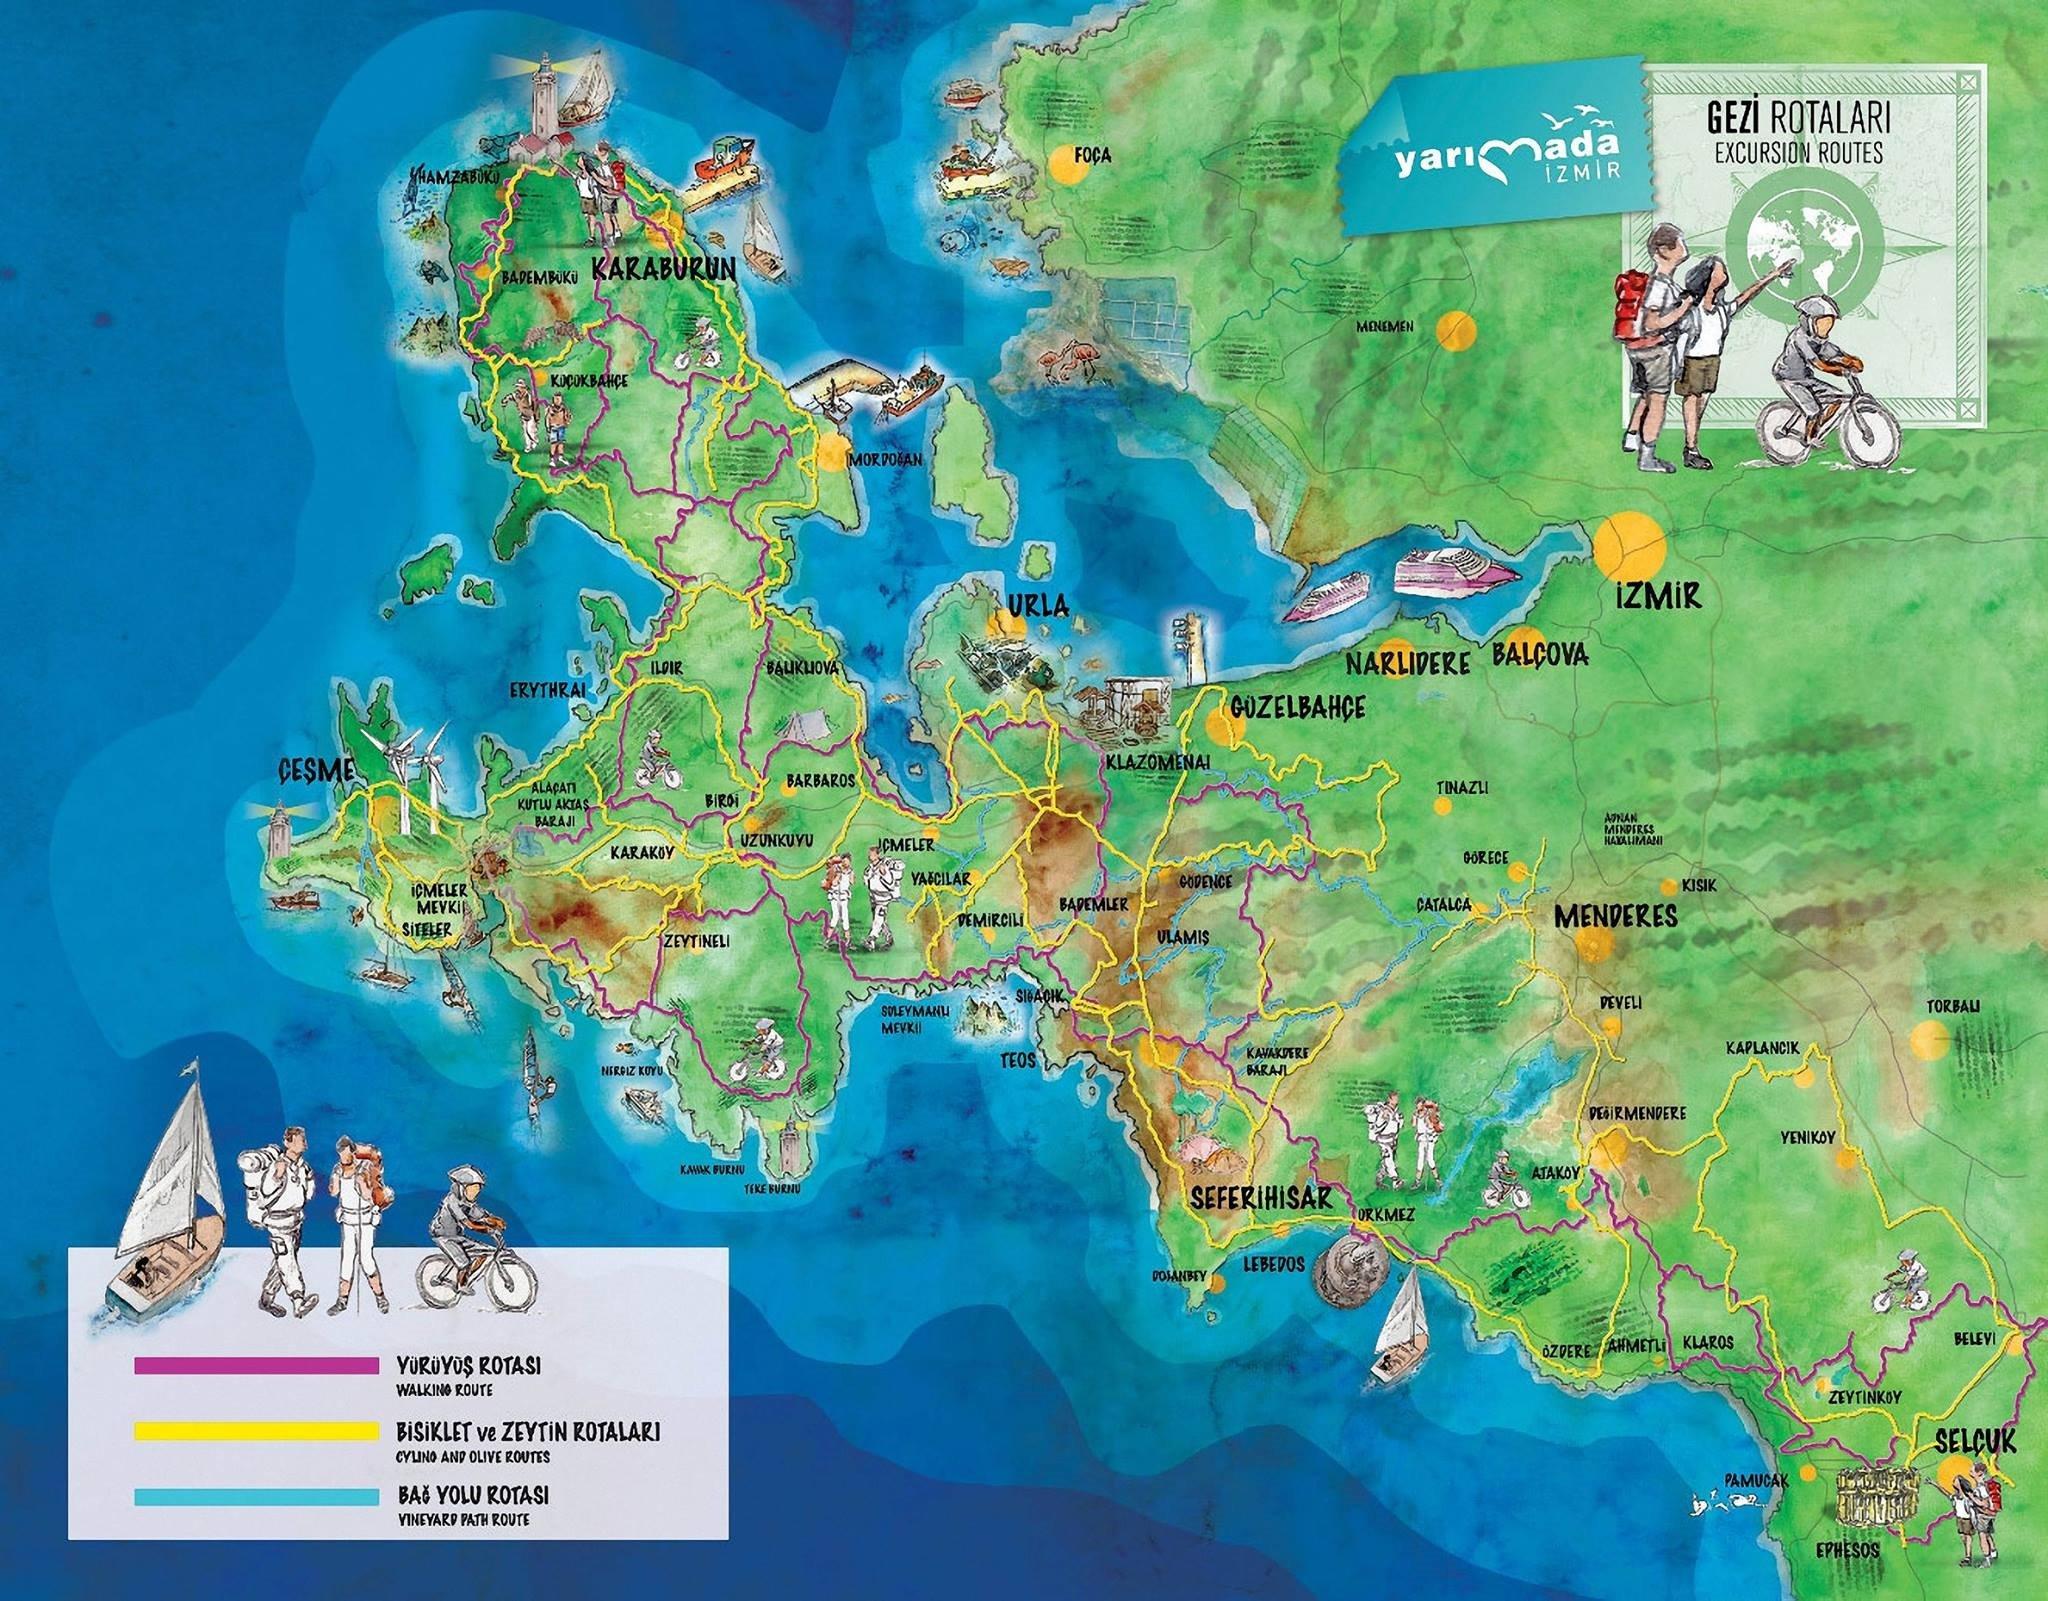 Tarihin peşinde bir İzmir gezi rotası Efes-Mimas Yolu